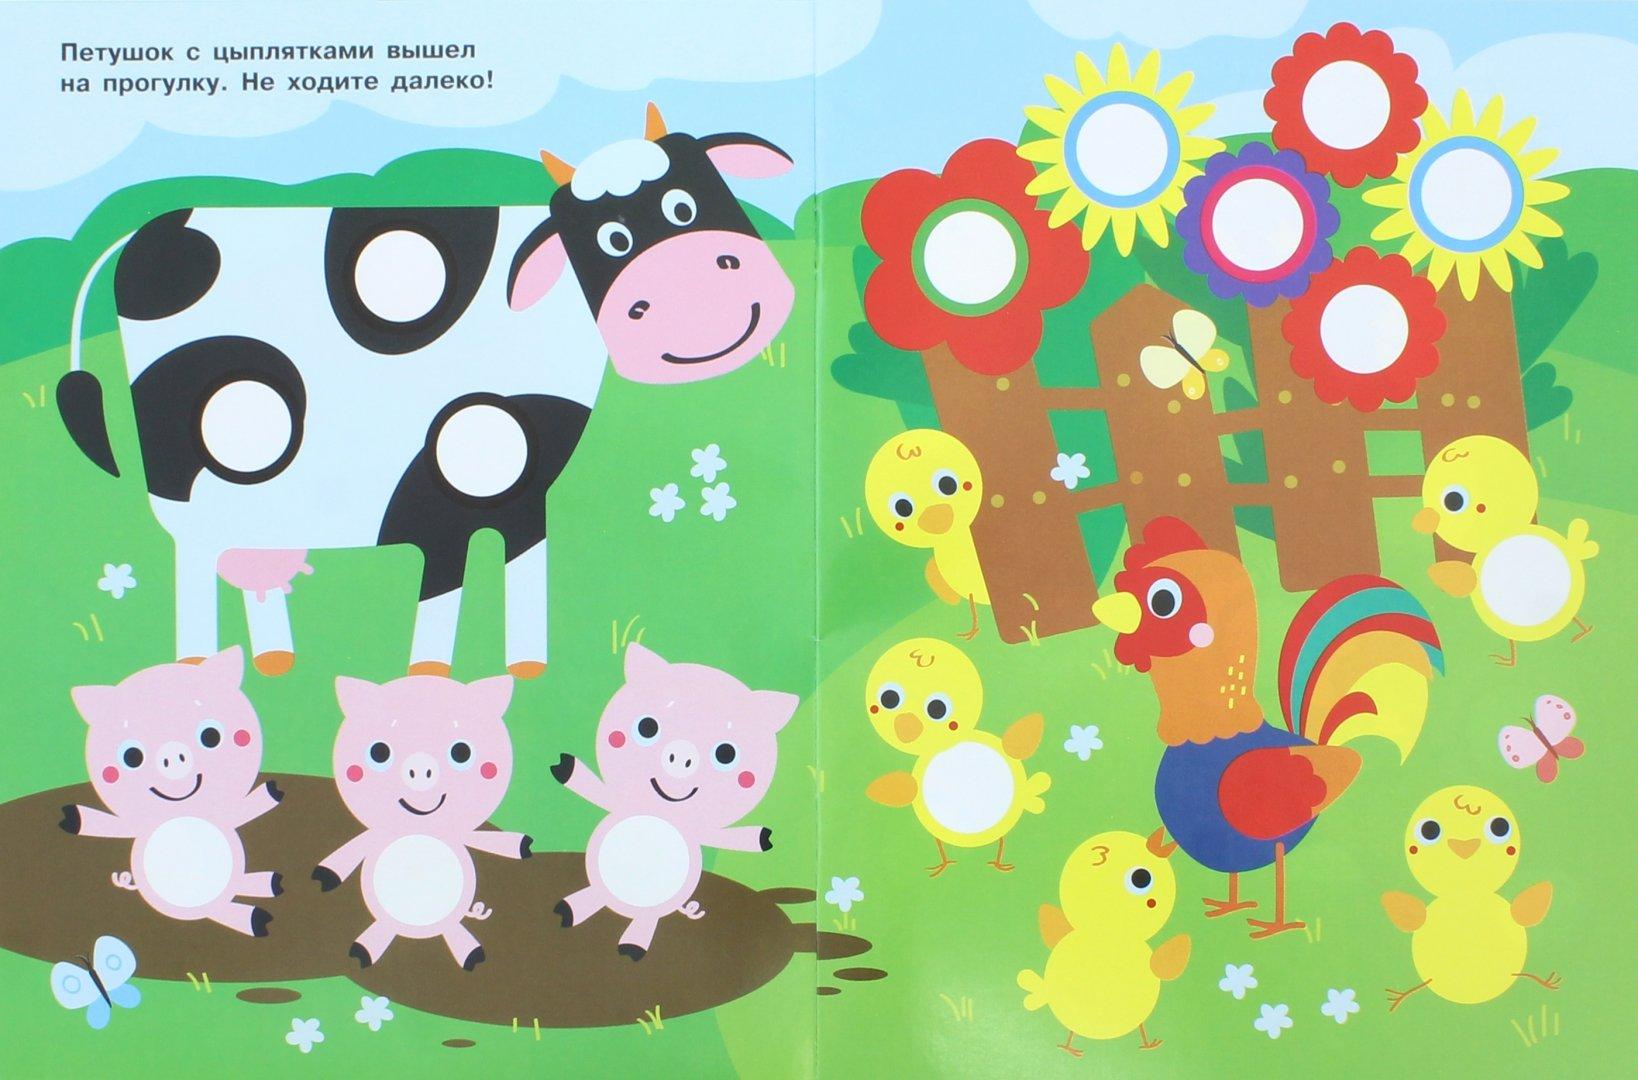 Шаблоны картинок для занятий с детьми